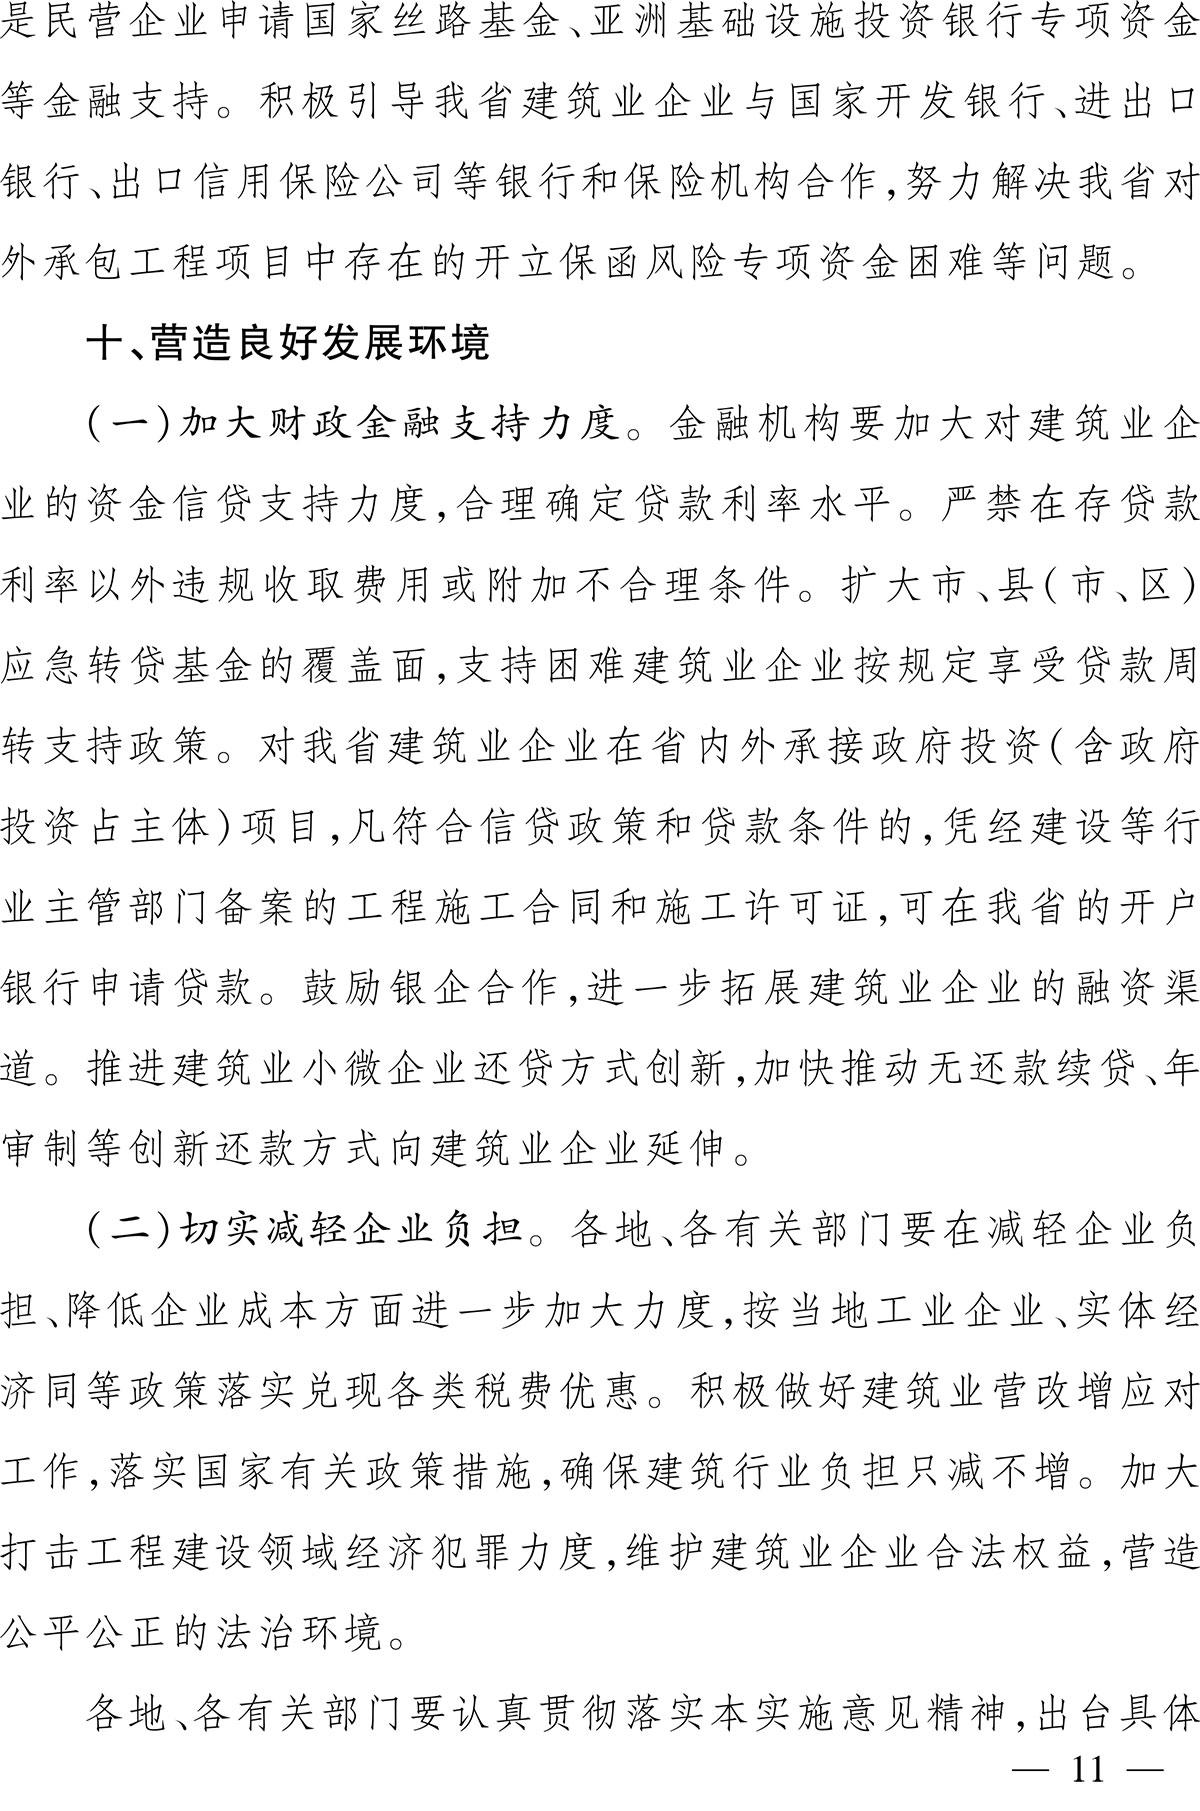 浙江省人民政府办公厅关于加快建筑业改革与发展的实施意见-11.jpg